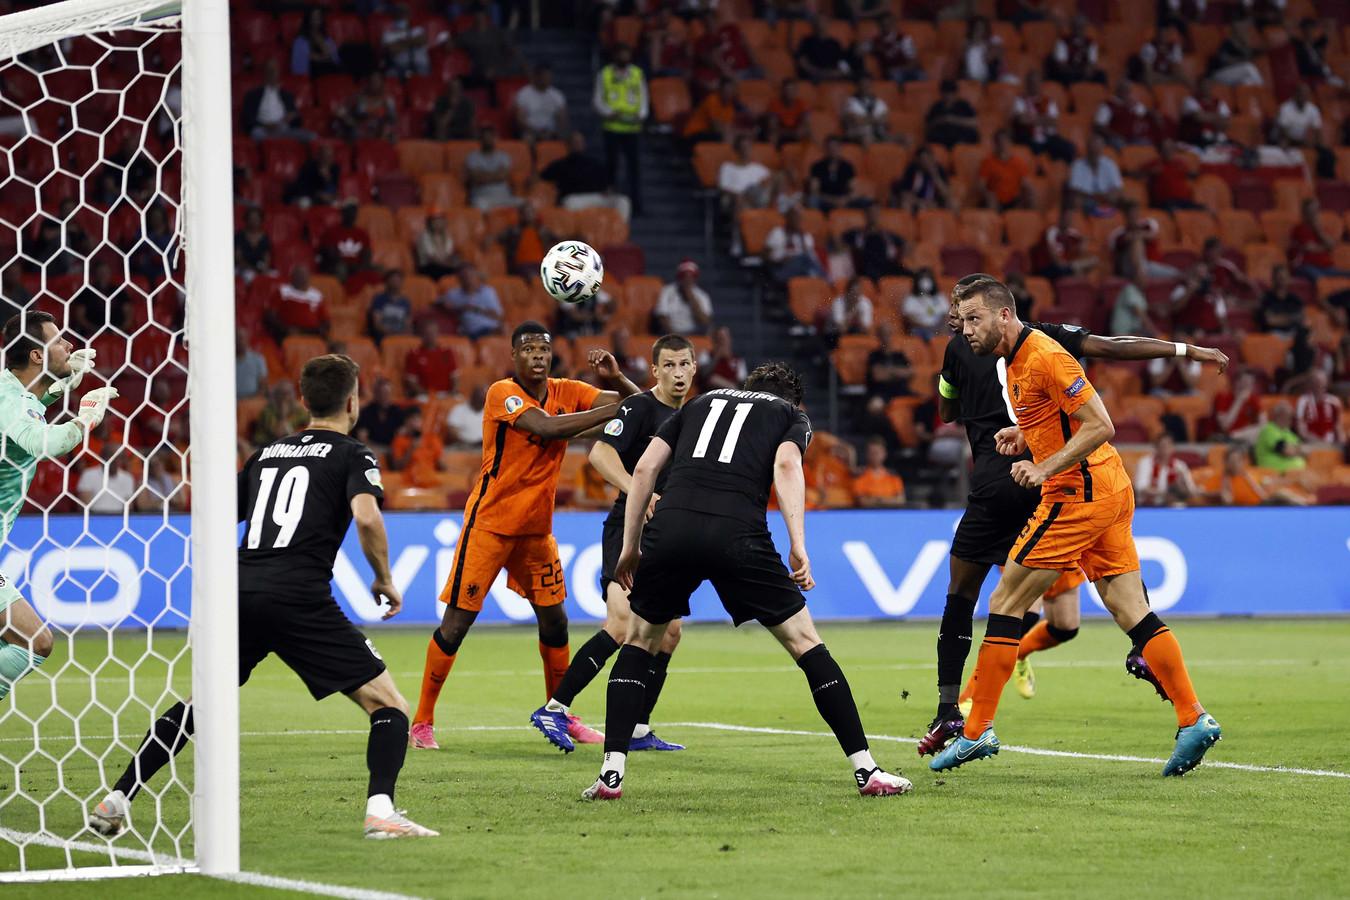 Stefan de Vrij (rechts) is tijdens het duel met Oostenrijk dicht bij de 2-0. Zijn inzet zal gekeerd worden door doelman Daniel Bachmann.